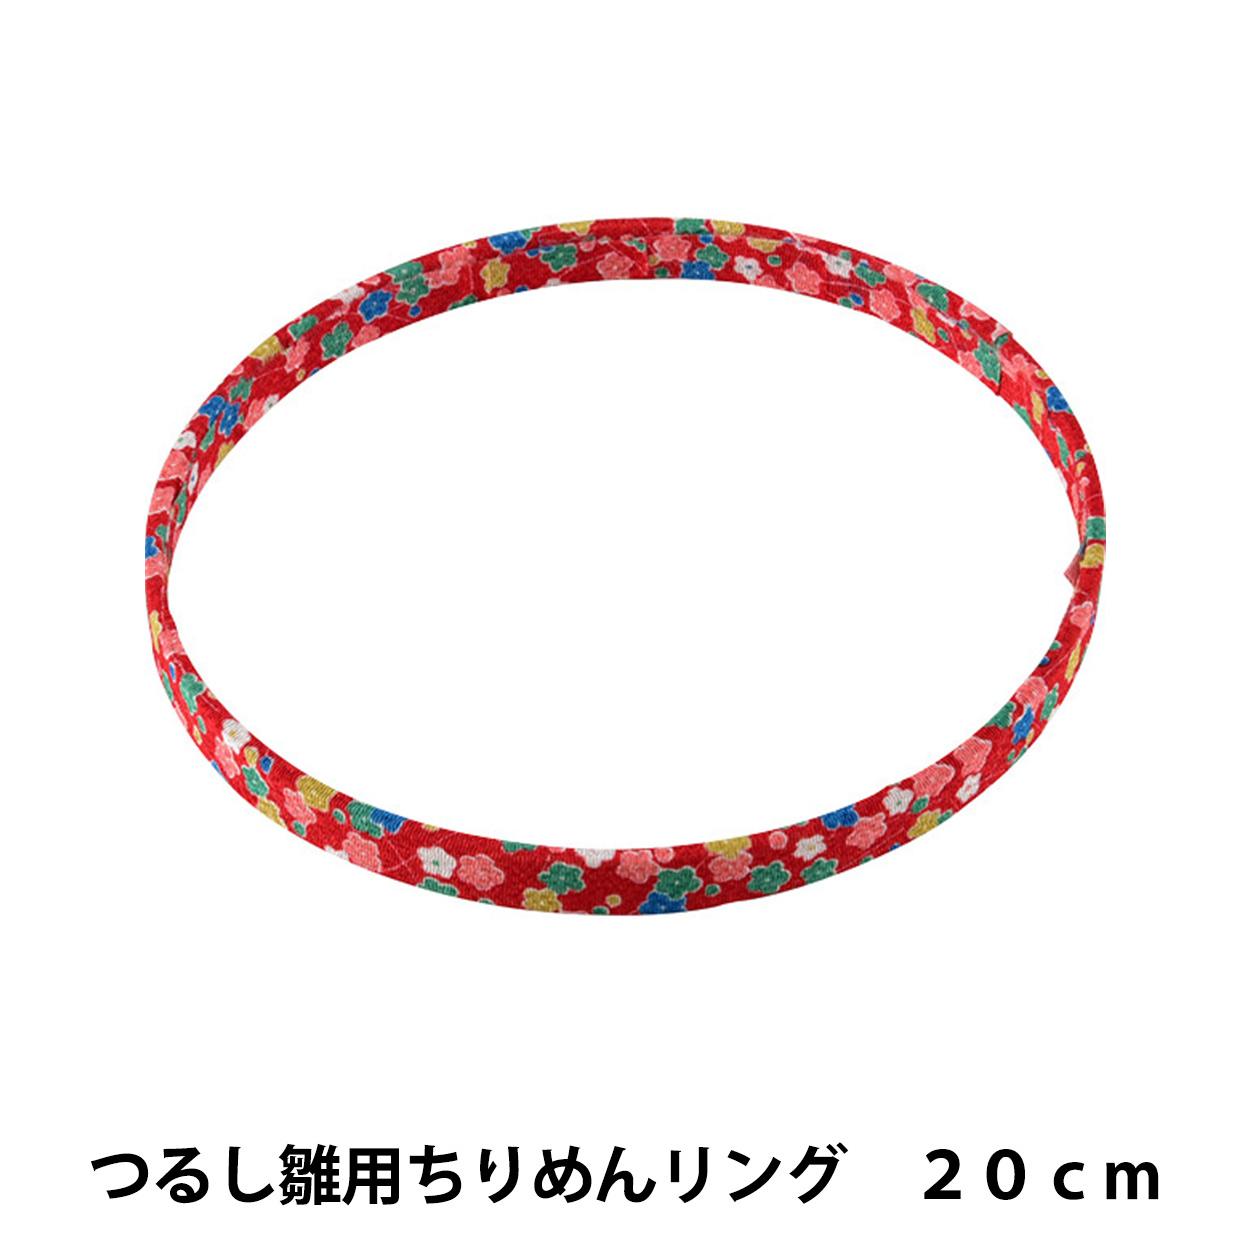 手芸材料 『つるし雛用ちりめんリング 20cm 赤 TR-22』 Panami パナミ タカギ繊維